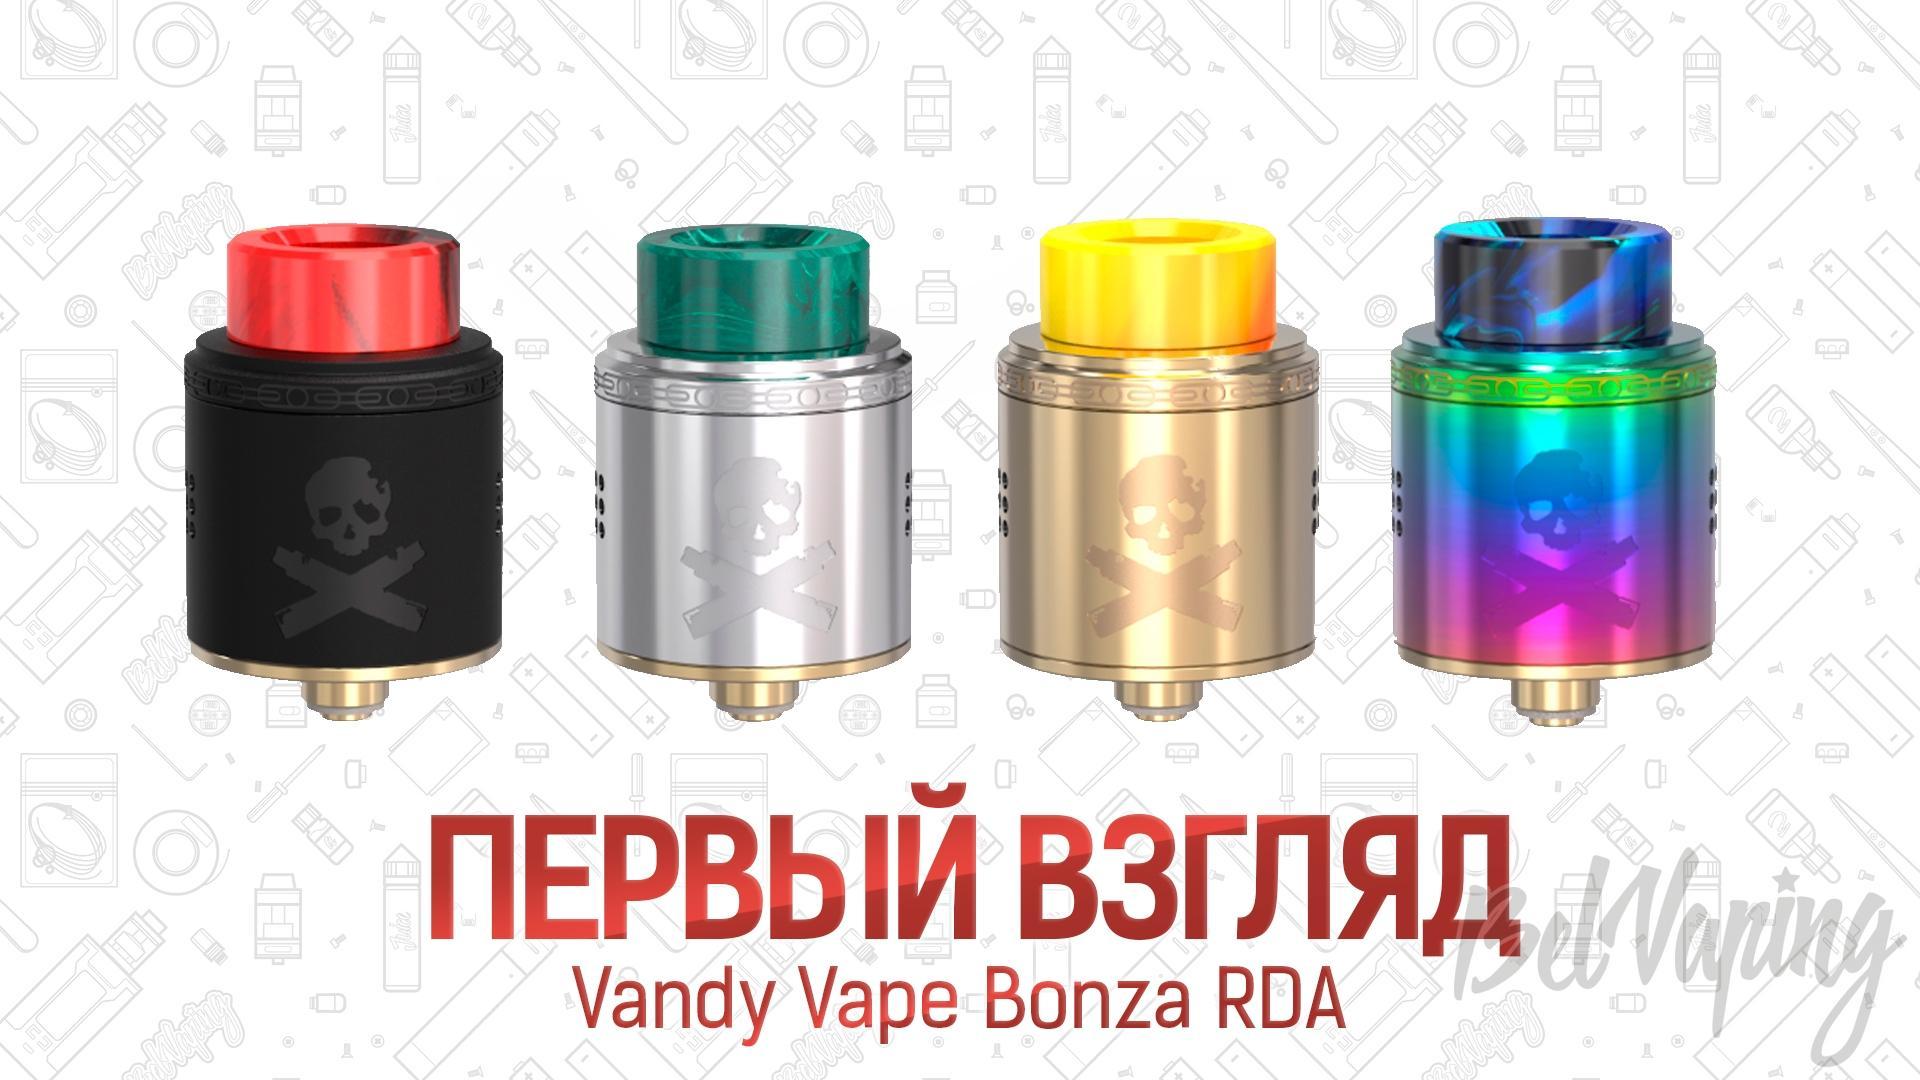 Vandy Vape Bonza RDA. Первый взгляд